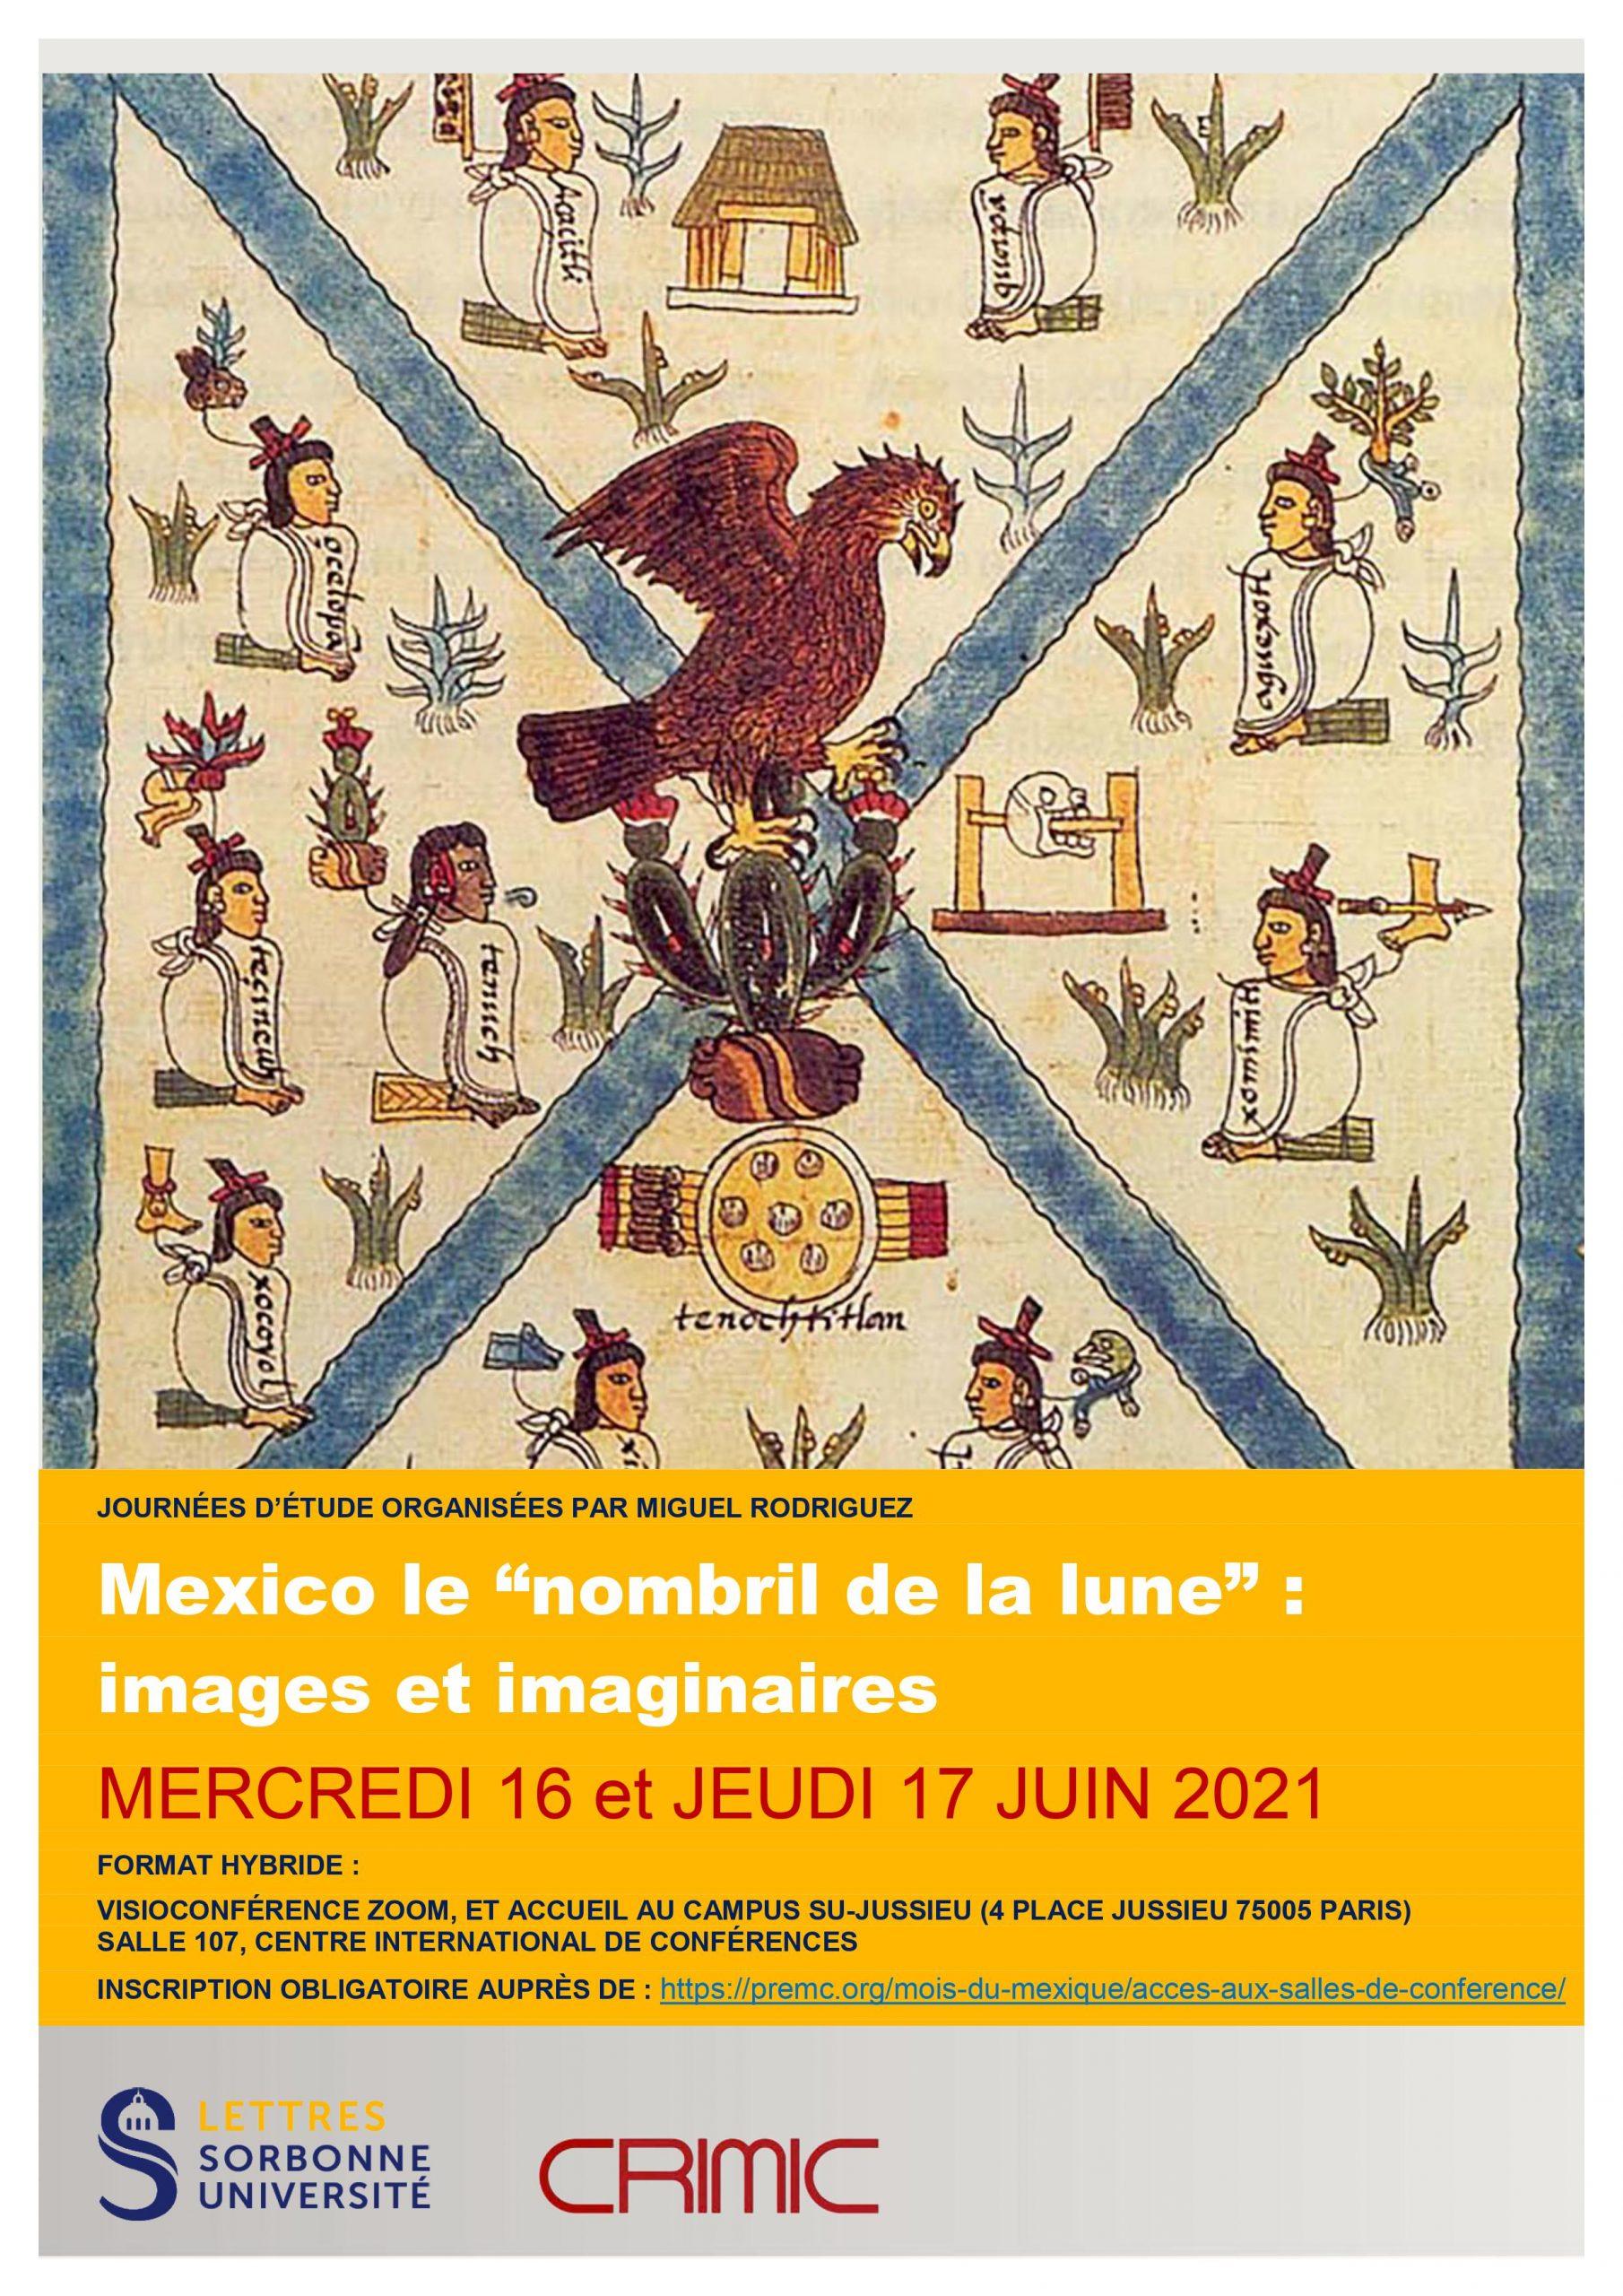 """Mexico le """"nombril de la lune"""" : images et imaginaires"""